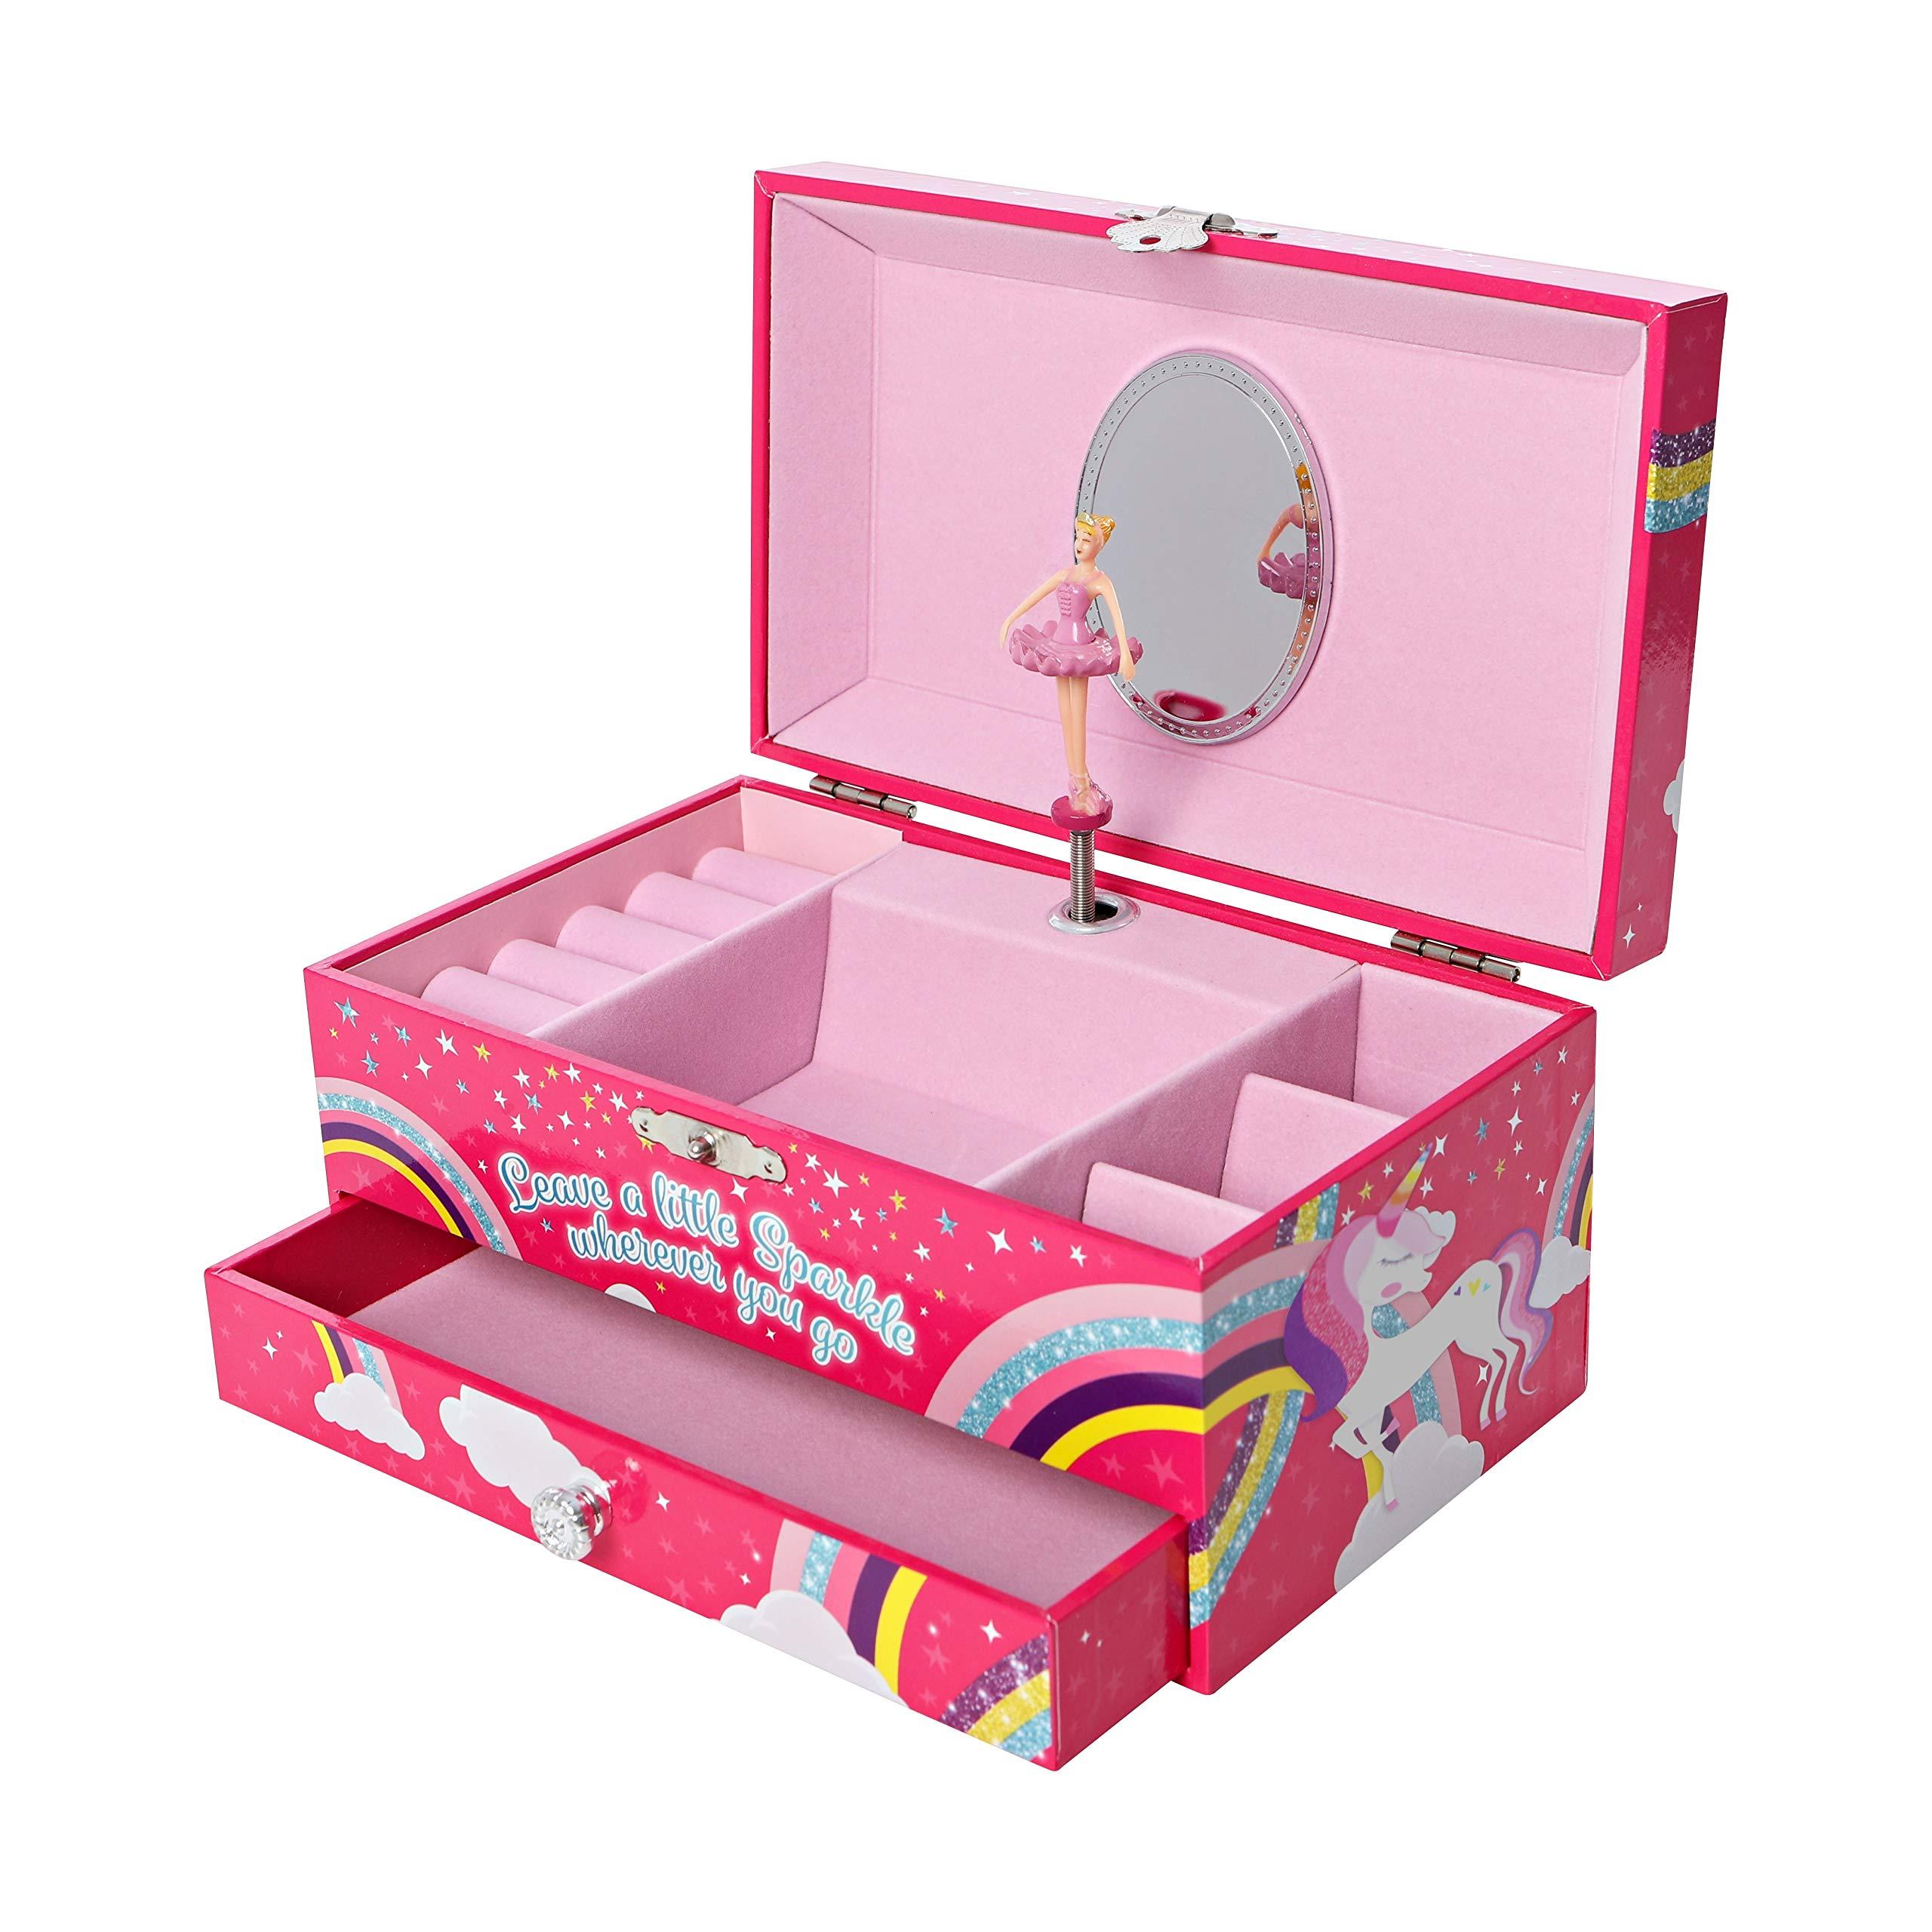 GirlZone Unicorn Musical Jewelry Box, Ballerina Music Box for Girls, Great Birthday Gift For Girls